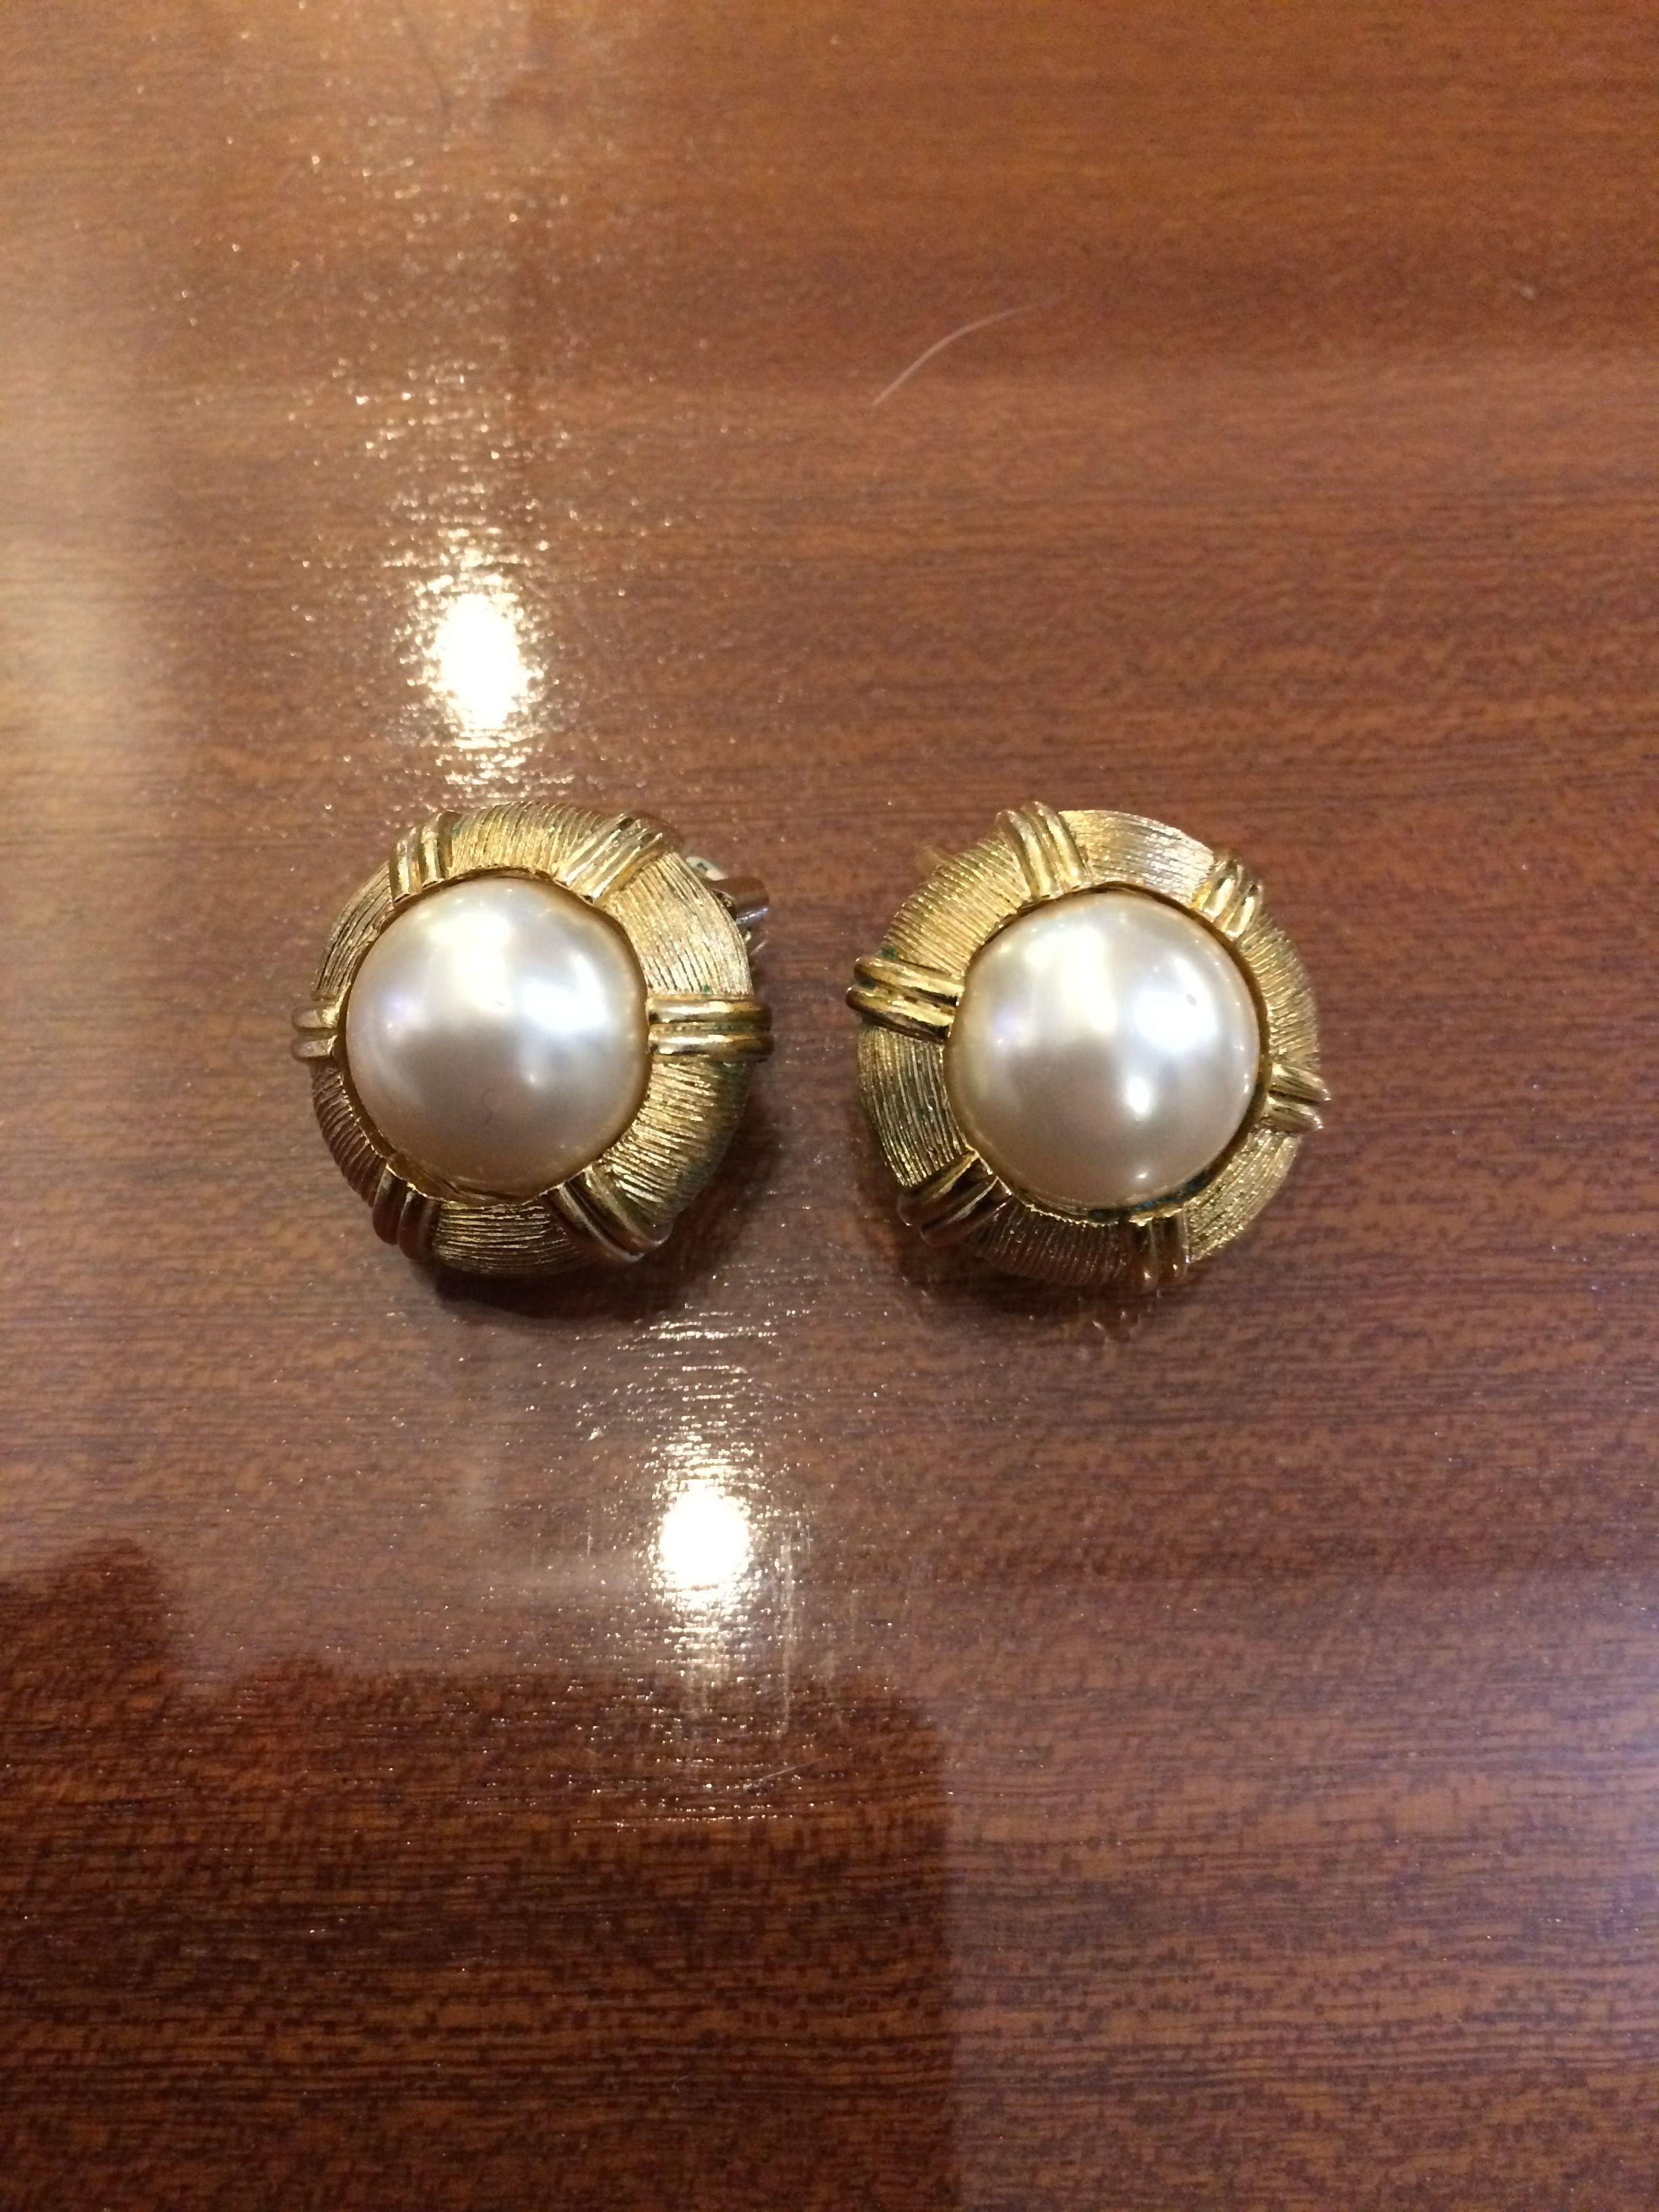 Accessoires - Boucles d'oreilles dorées